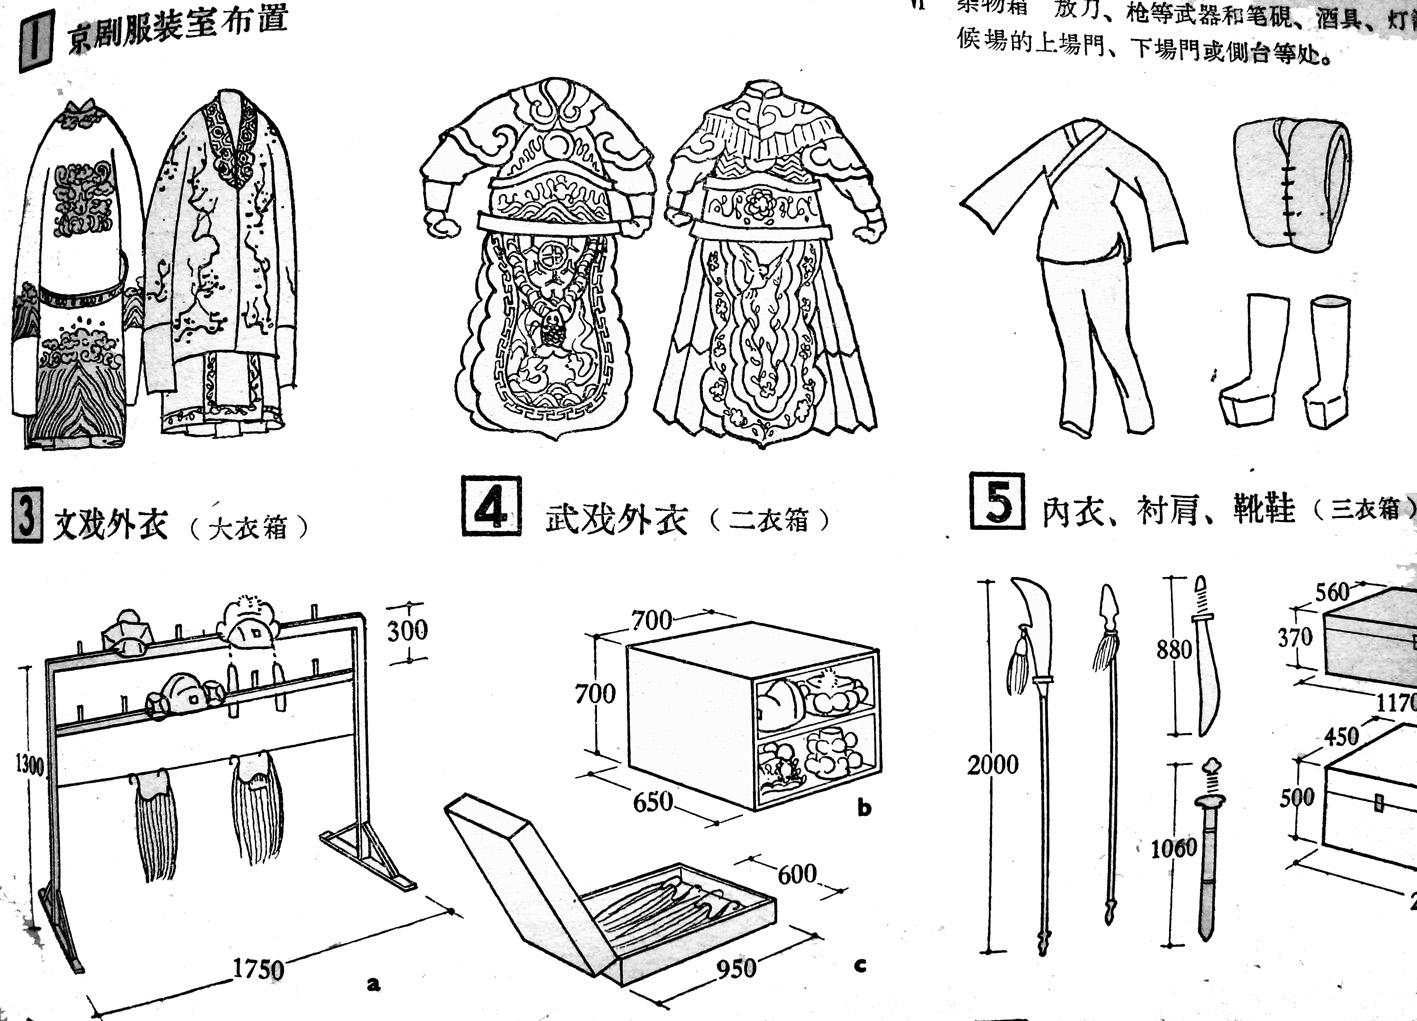 The  Neufert Made In  China  Jianzhu She Jizi Liaojizi